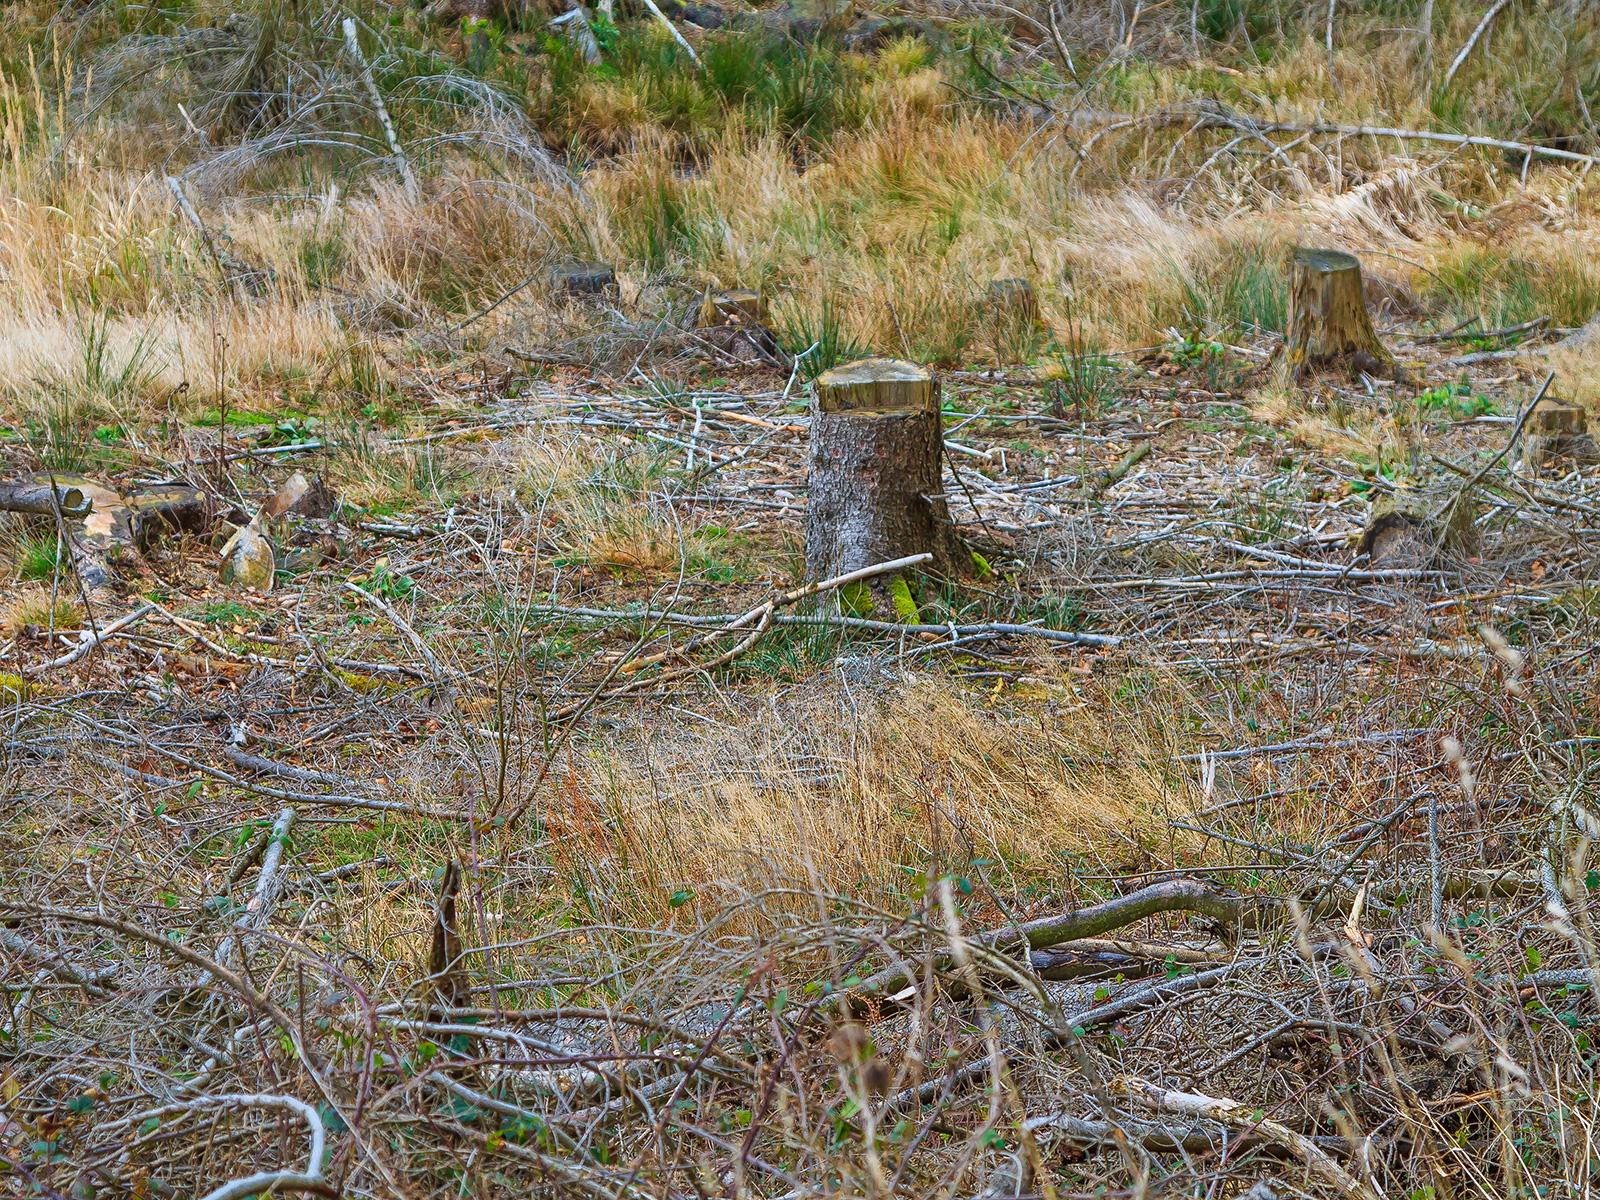 Baumstumpf auf verarmten und trockenem Boden